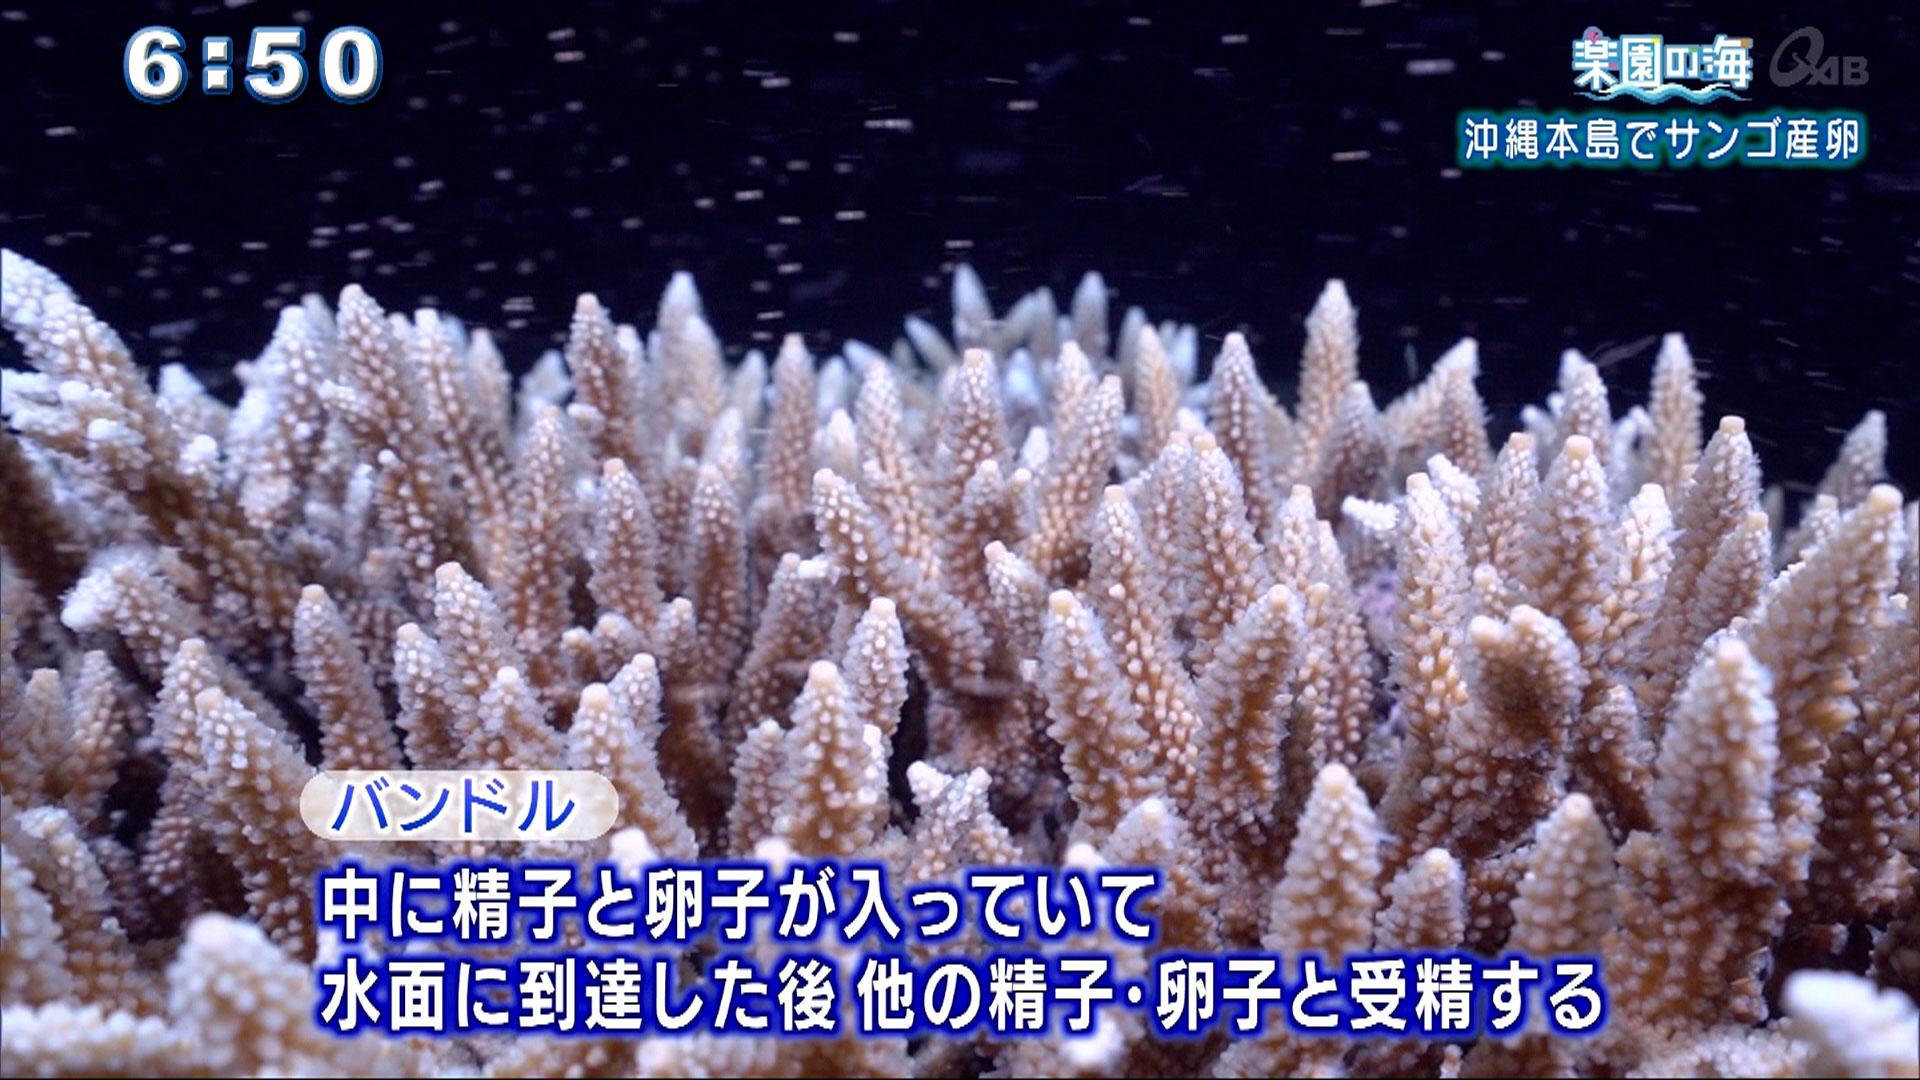 楽園の海 沖縄本島でサンゴ産卵